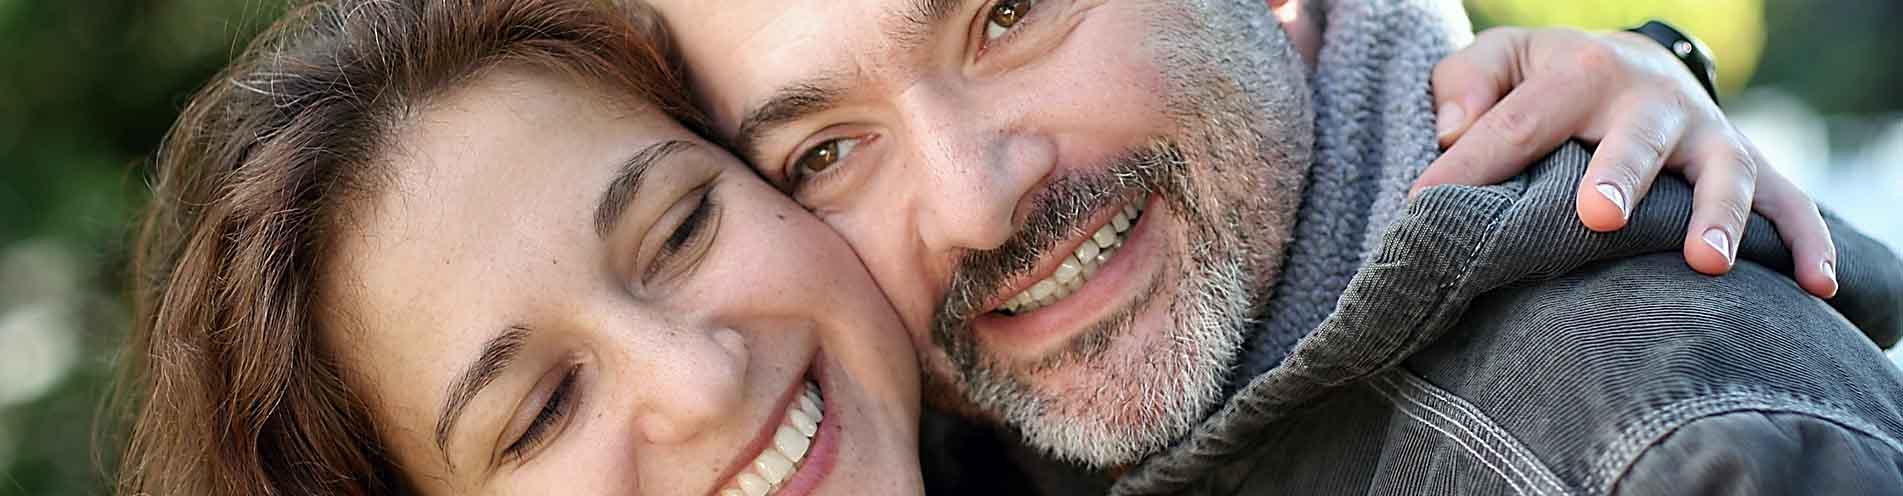 Sie suchen einen Zahnarzt oder einen Facharzt für Zahnimplantante in Kassel, Göttingen oder Hofgeismar - wir sind Ihre professionelle Zahnarztpraxis.